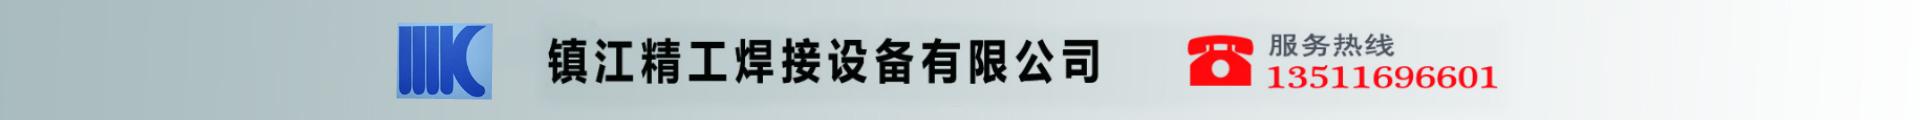 鎮江精工焊接設備有限公司